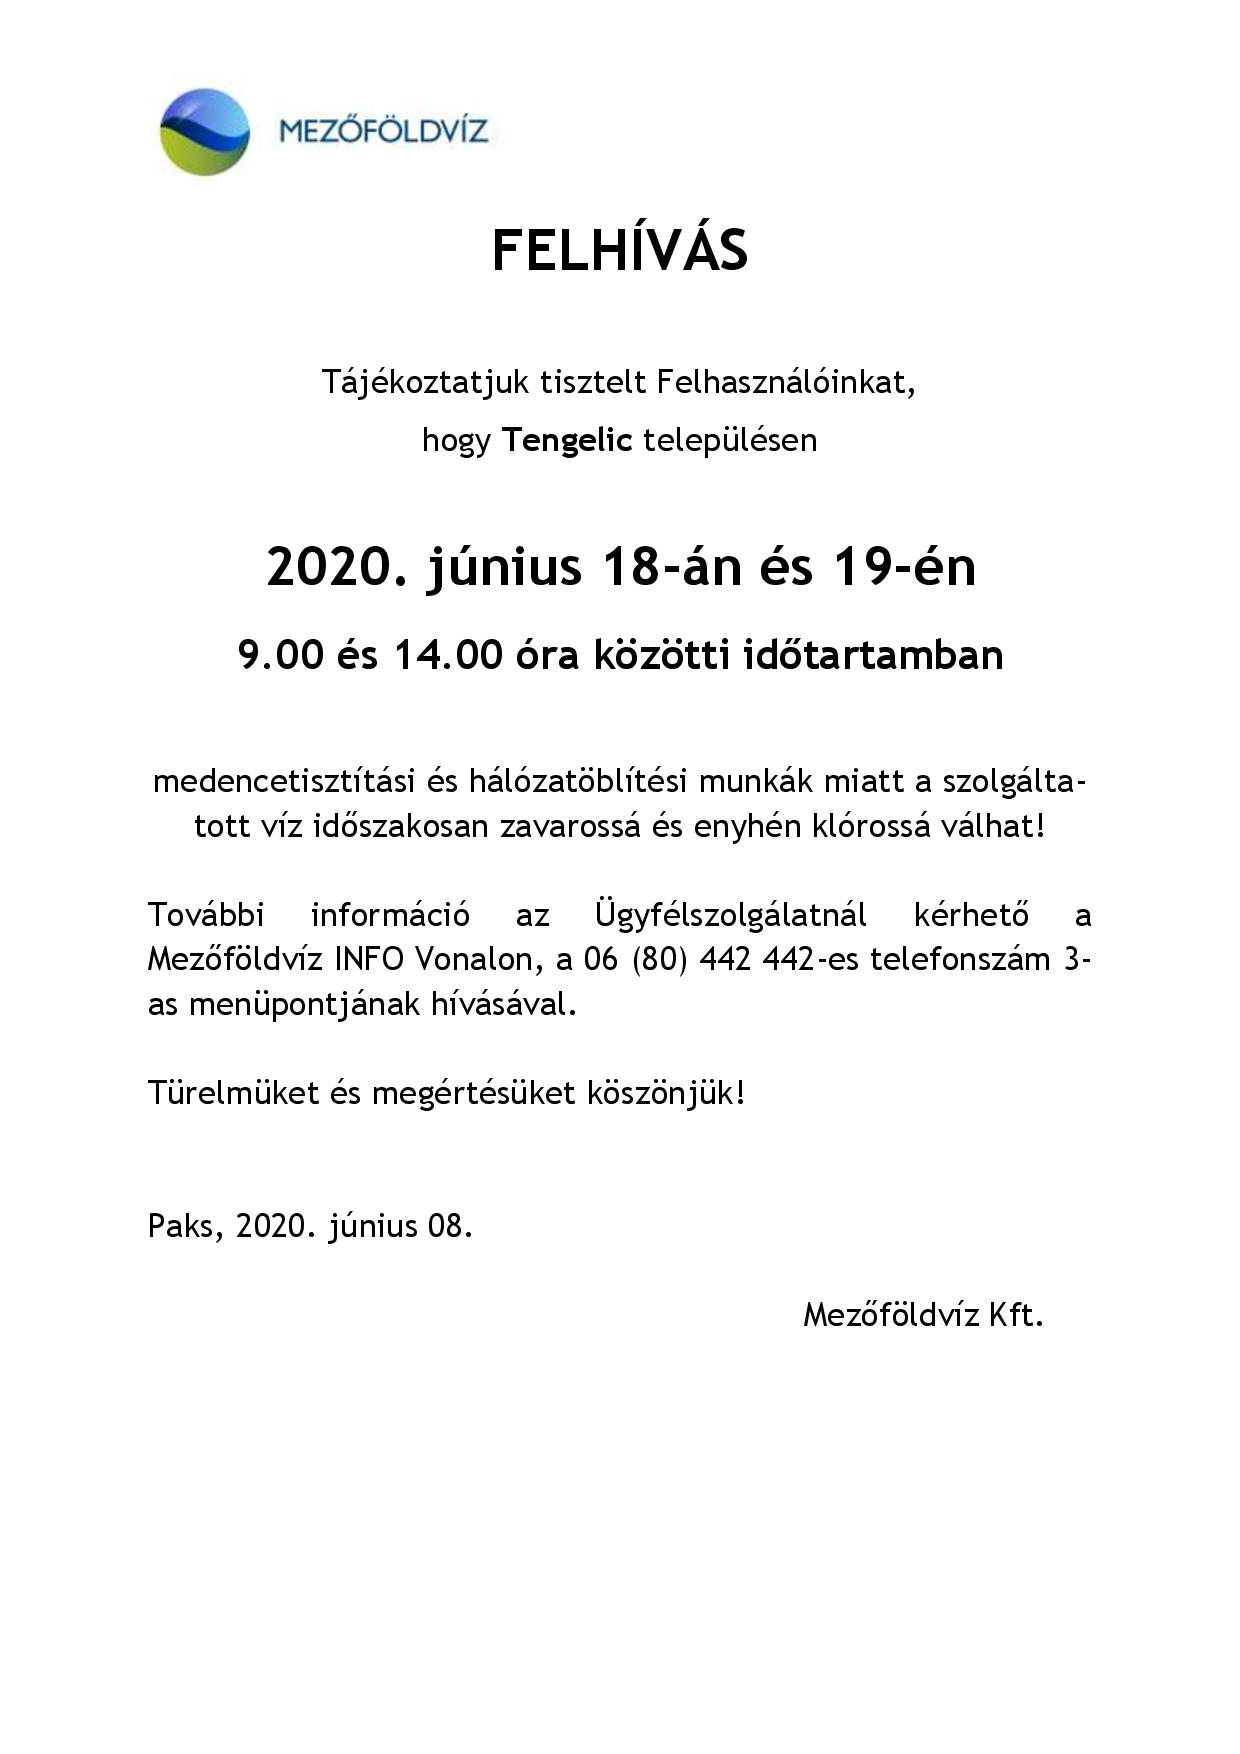 Tájékoztatás - Hálózat öblítés és medence mosatás miatti vízhiányról, nyomáscsökkenésről Tengelic 2020.06.18-19